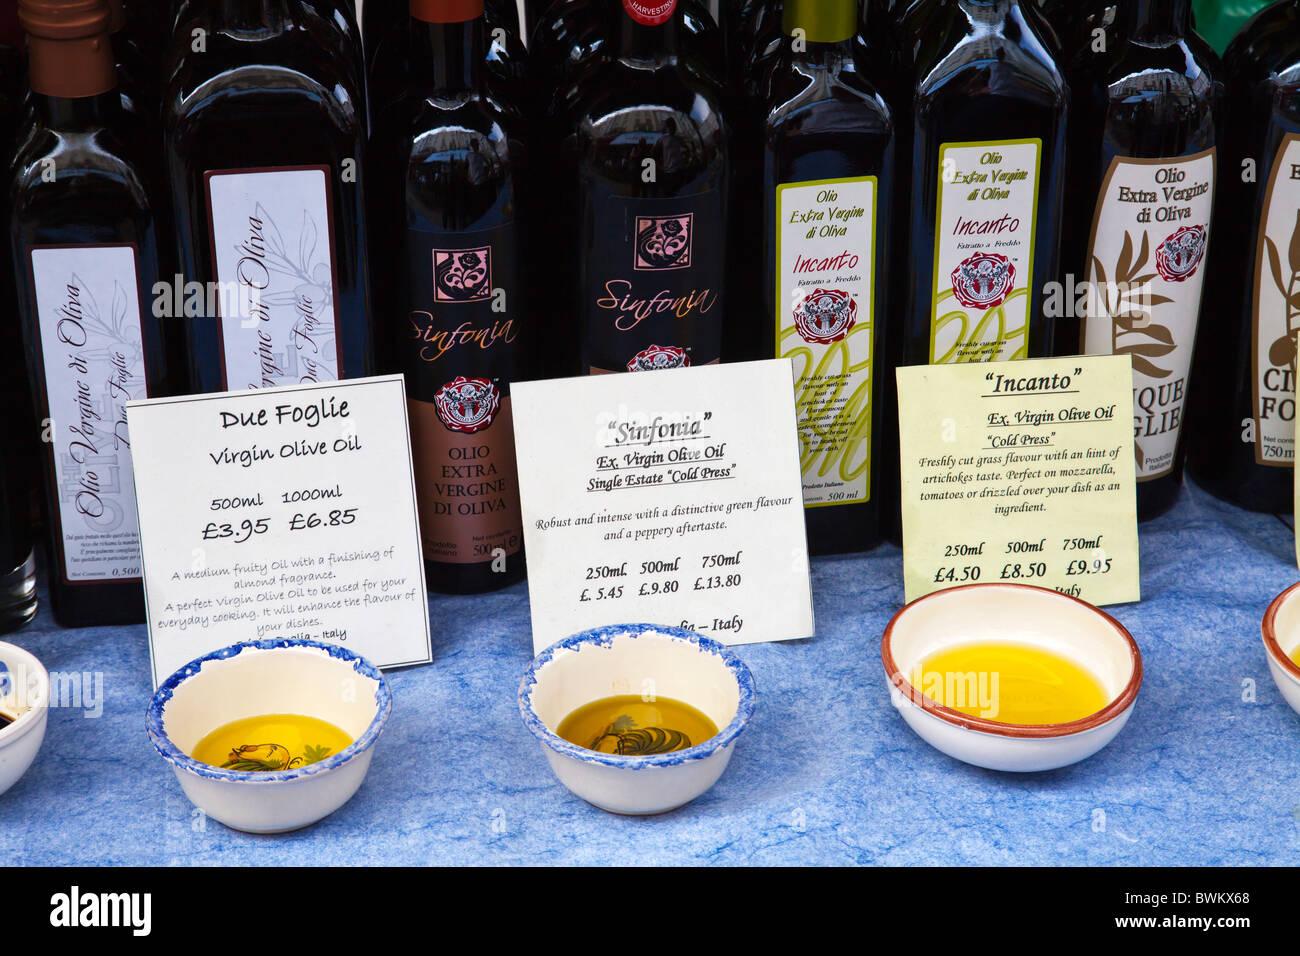 Choix de l'huile d'olive au marché de Portobello Road Photo Stock